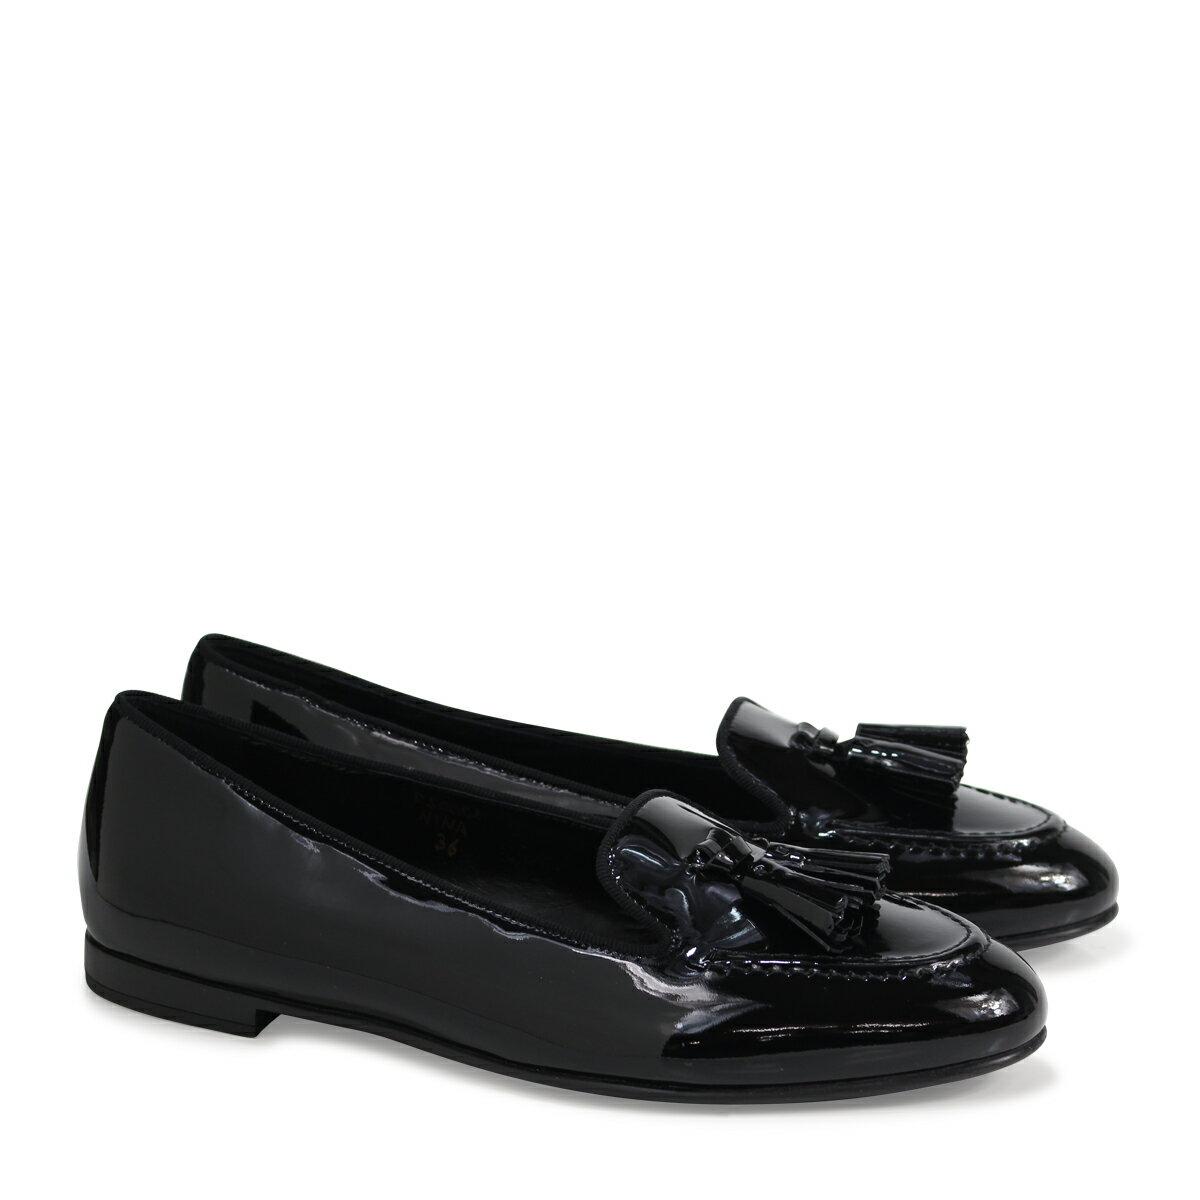 Church's NINA LOAFERS チャーチ 靴 レディース ローファー ブラック DS0001 [183]